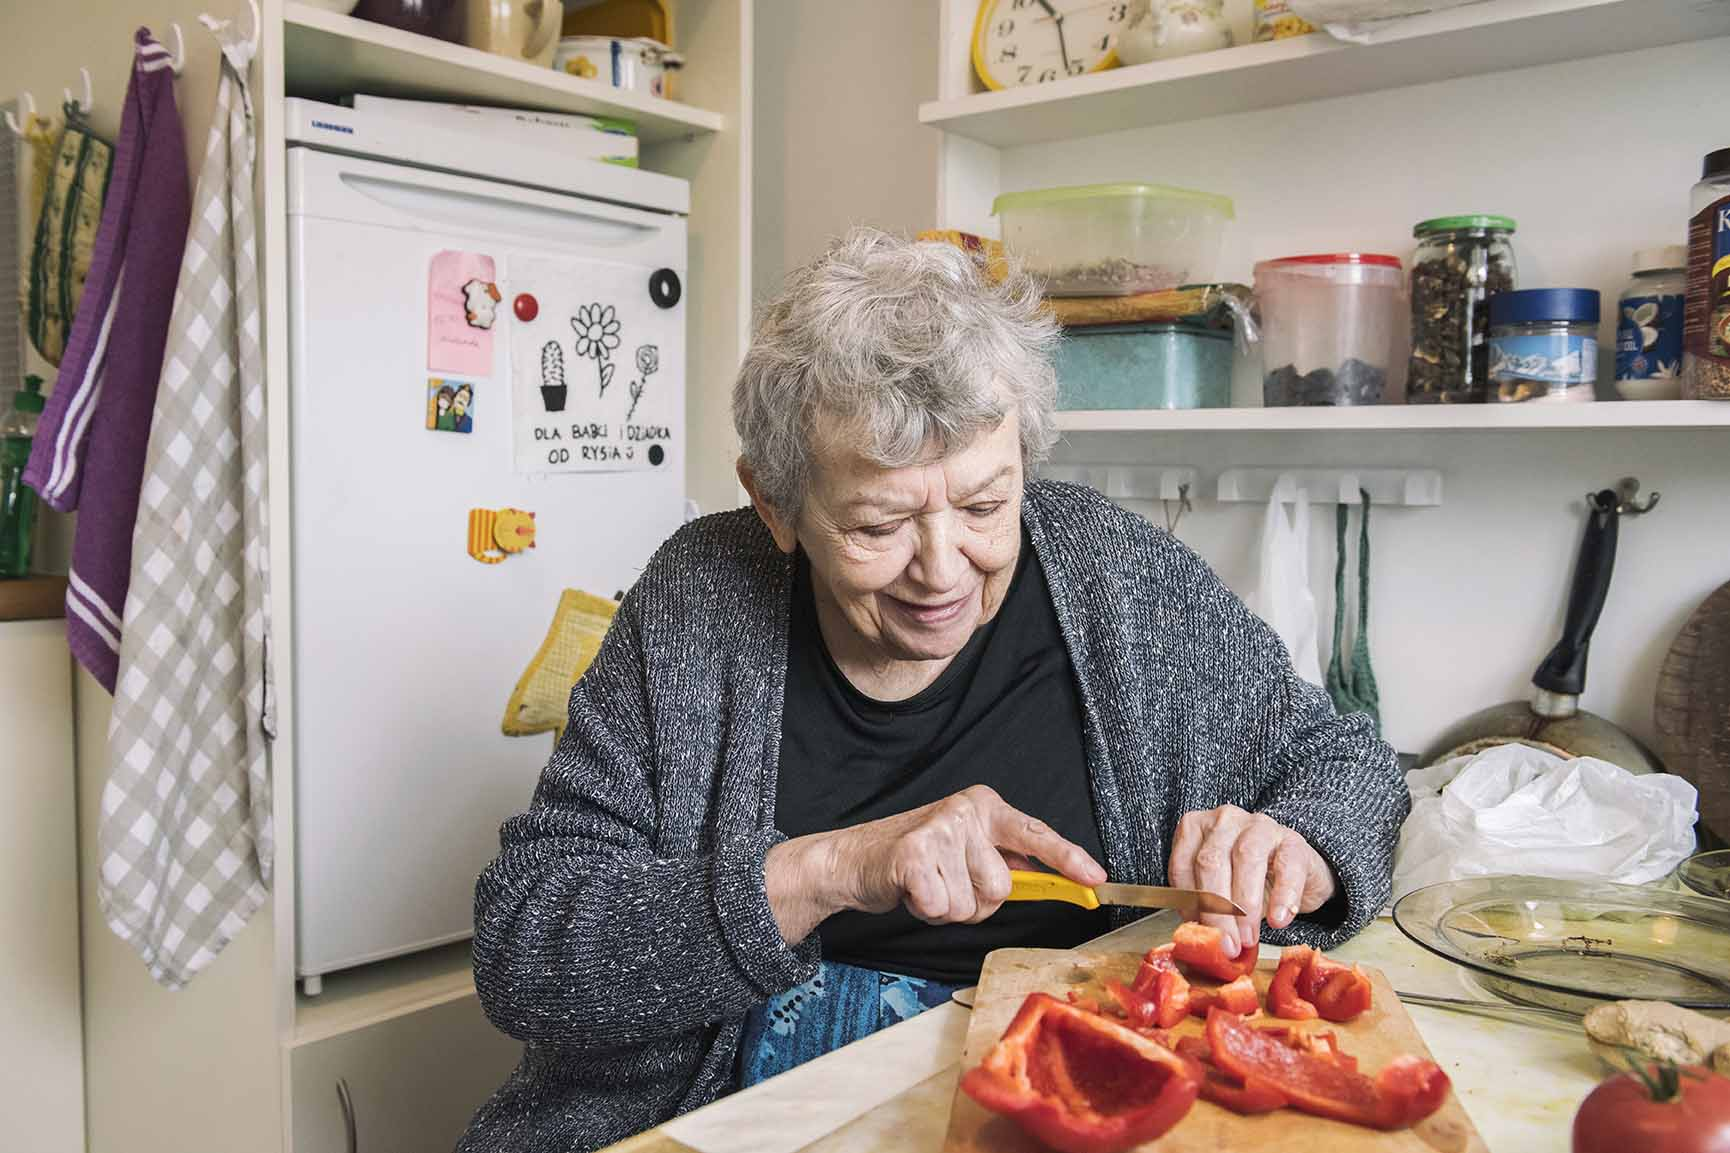 Pomimo słabego wzroku Pani Halina sporo gotuje. Uwielbia pichcić i eksperymentować. Znajomi i rodzina namawiają ją by wydała książkę ze swoimi przepisami.